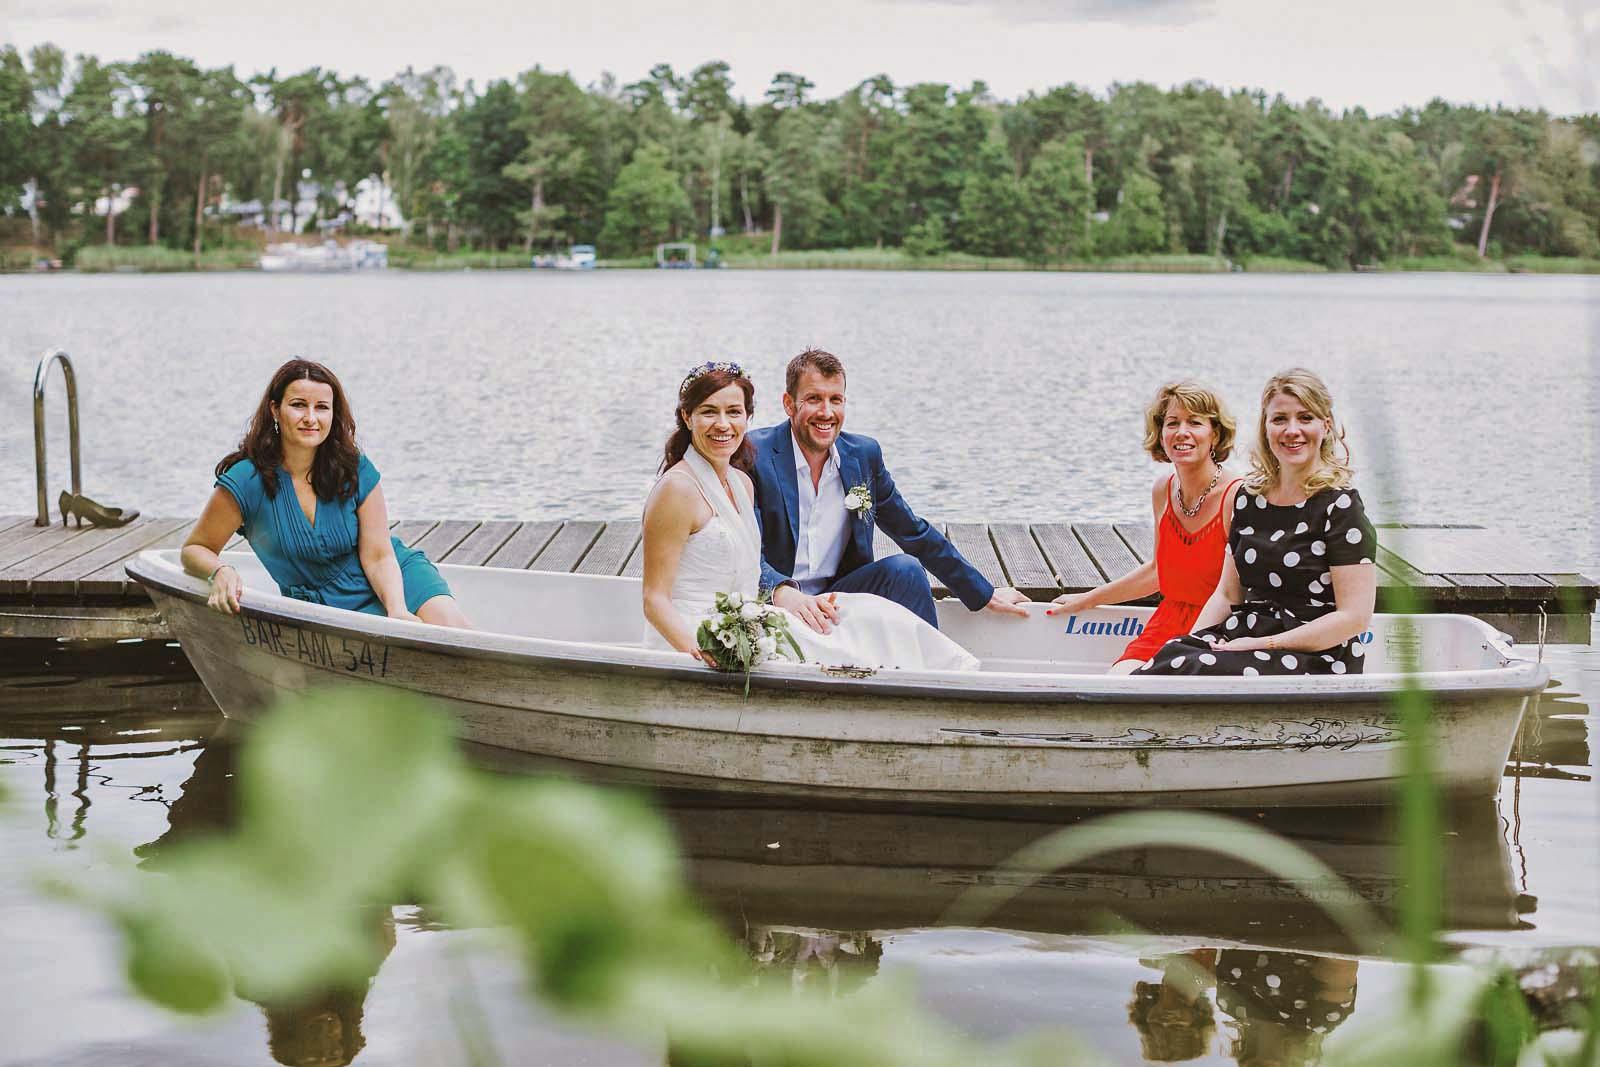 Gruppenfoto mit Brautpaar auf einem Boot im See Copyright by Hochzeitsfotograf www.berliner-hochzeitsfotografie.de